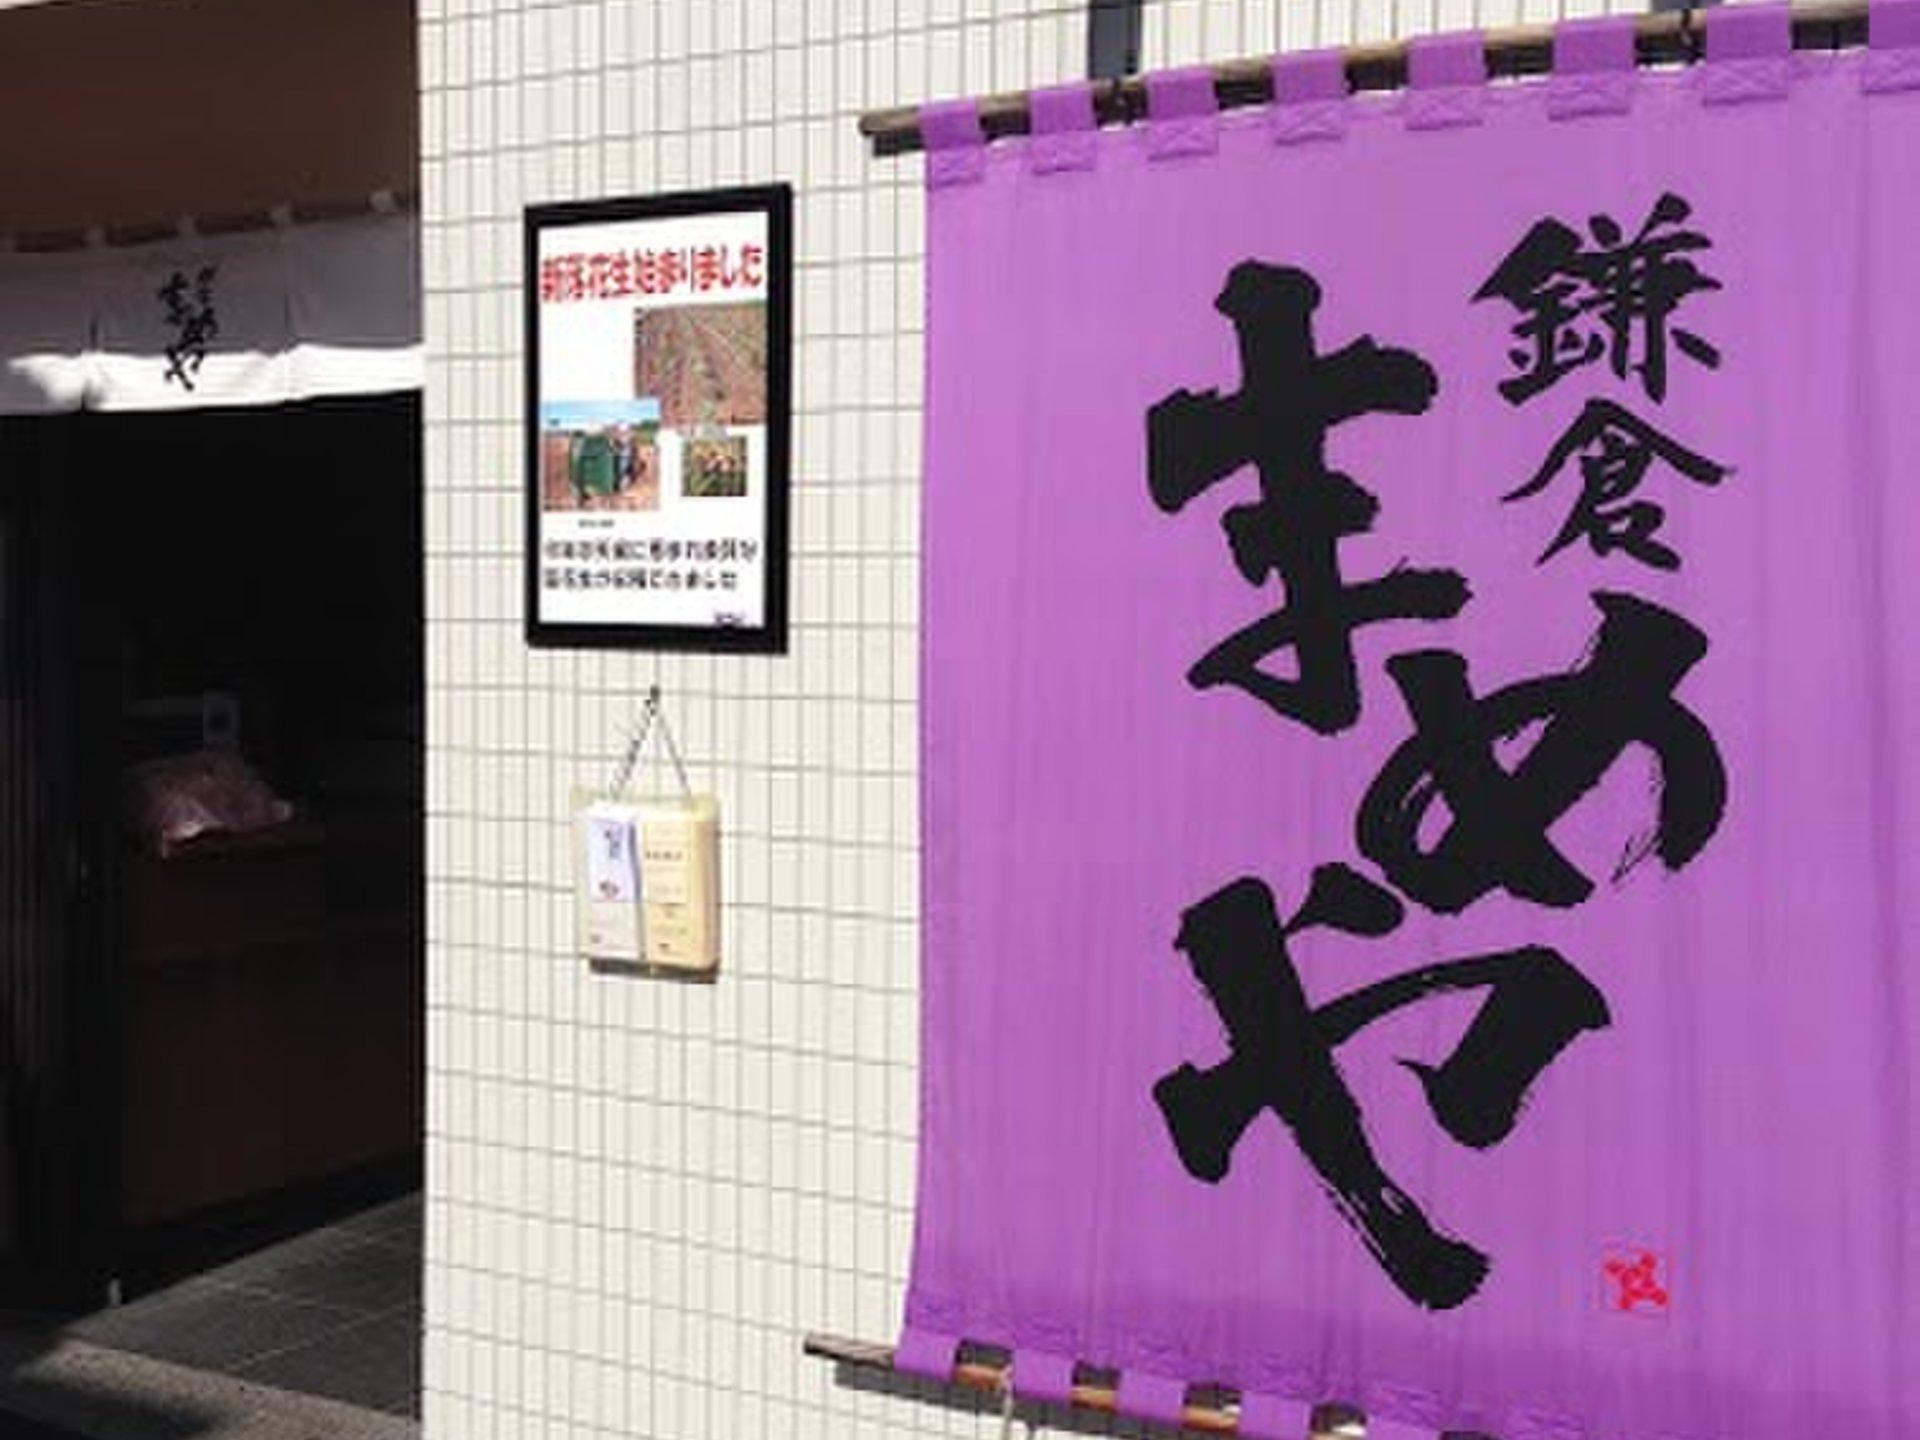 湘南鎌倉デートプラン!鎌倉で人気のグルメ情報。おすすめグルメスポットを紹介!小町通りを食べ歩き!